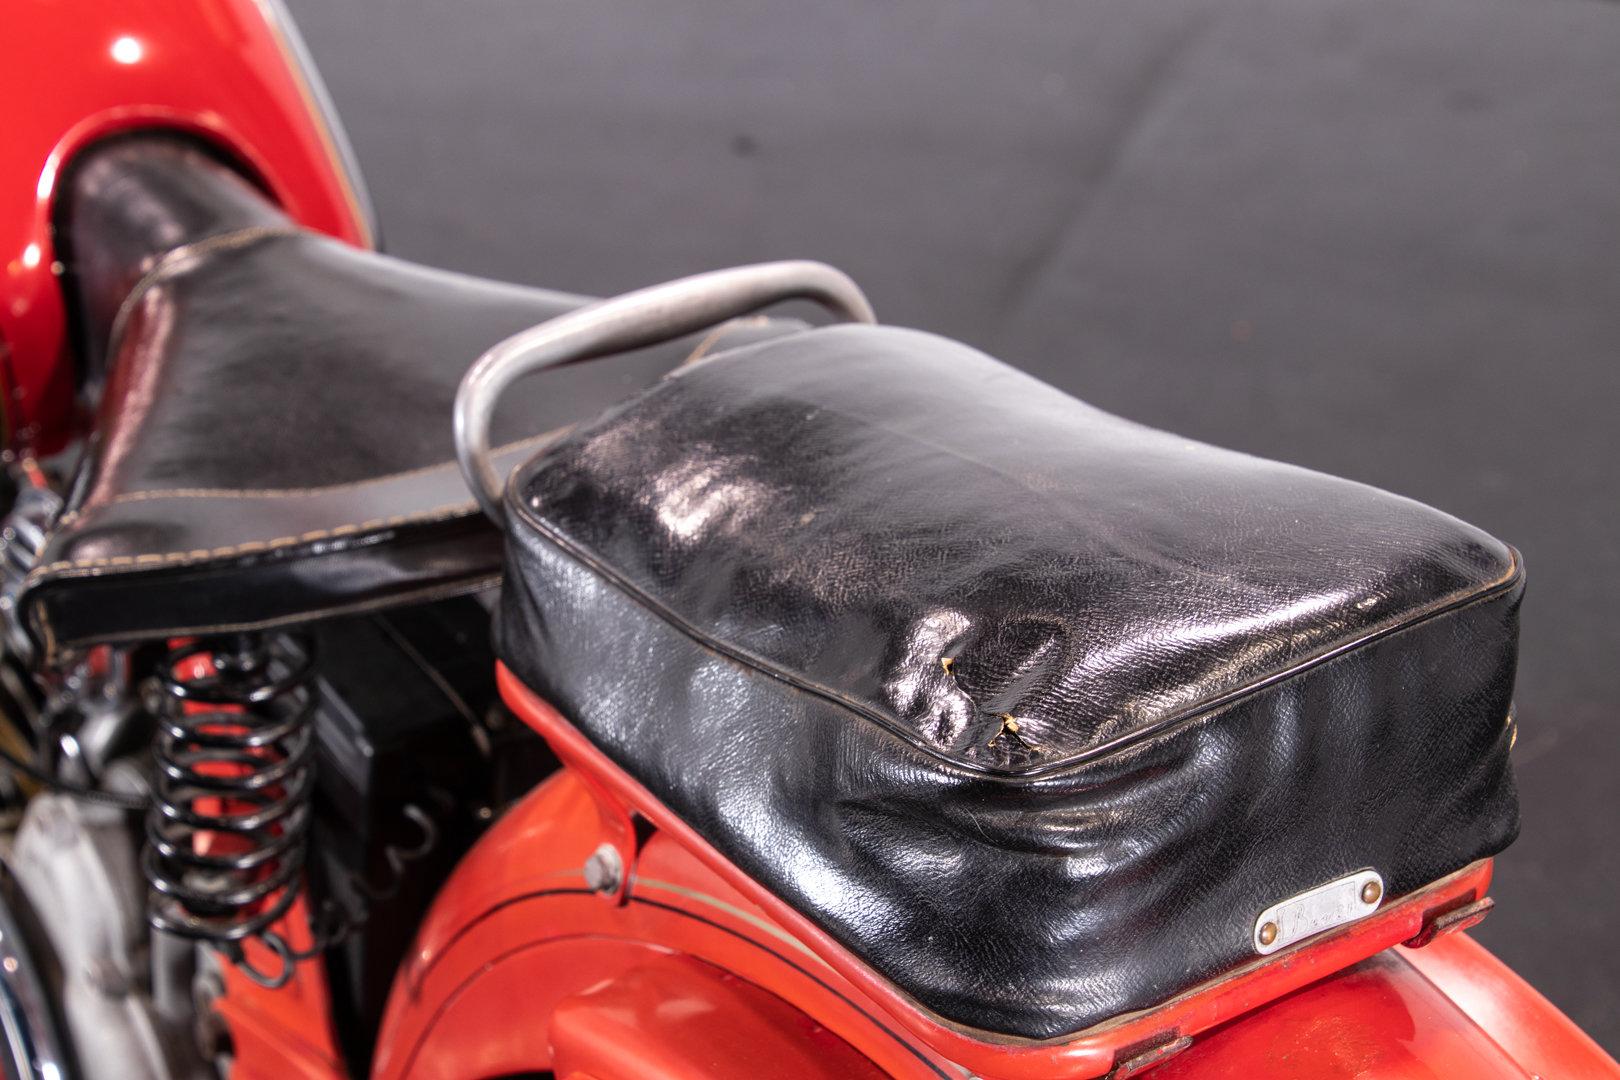 MOTO GUZZI - AIRONE SPORT 250 - 1954 For Sale (picture 5 of 6)